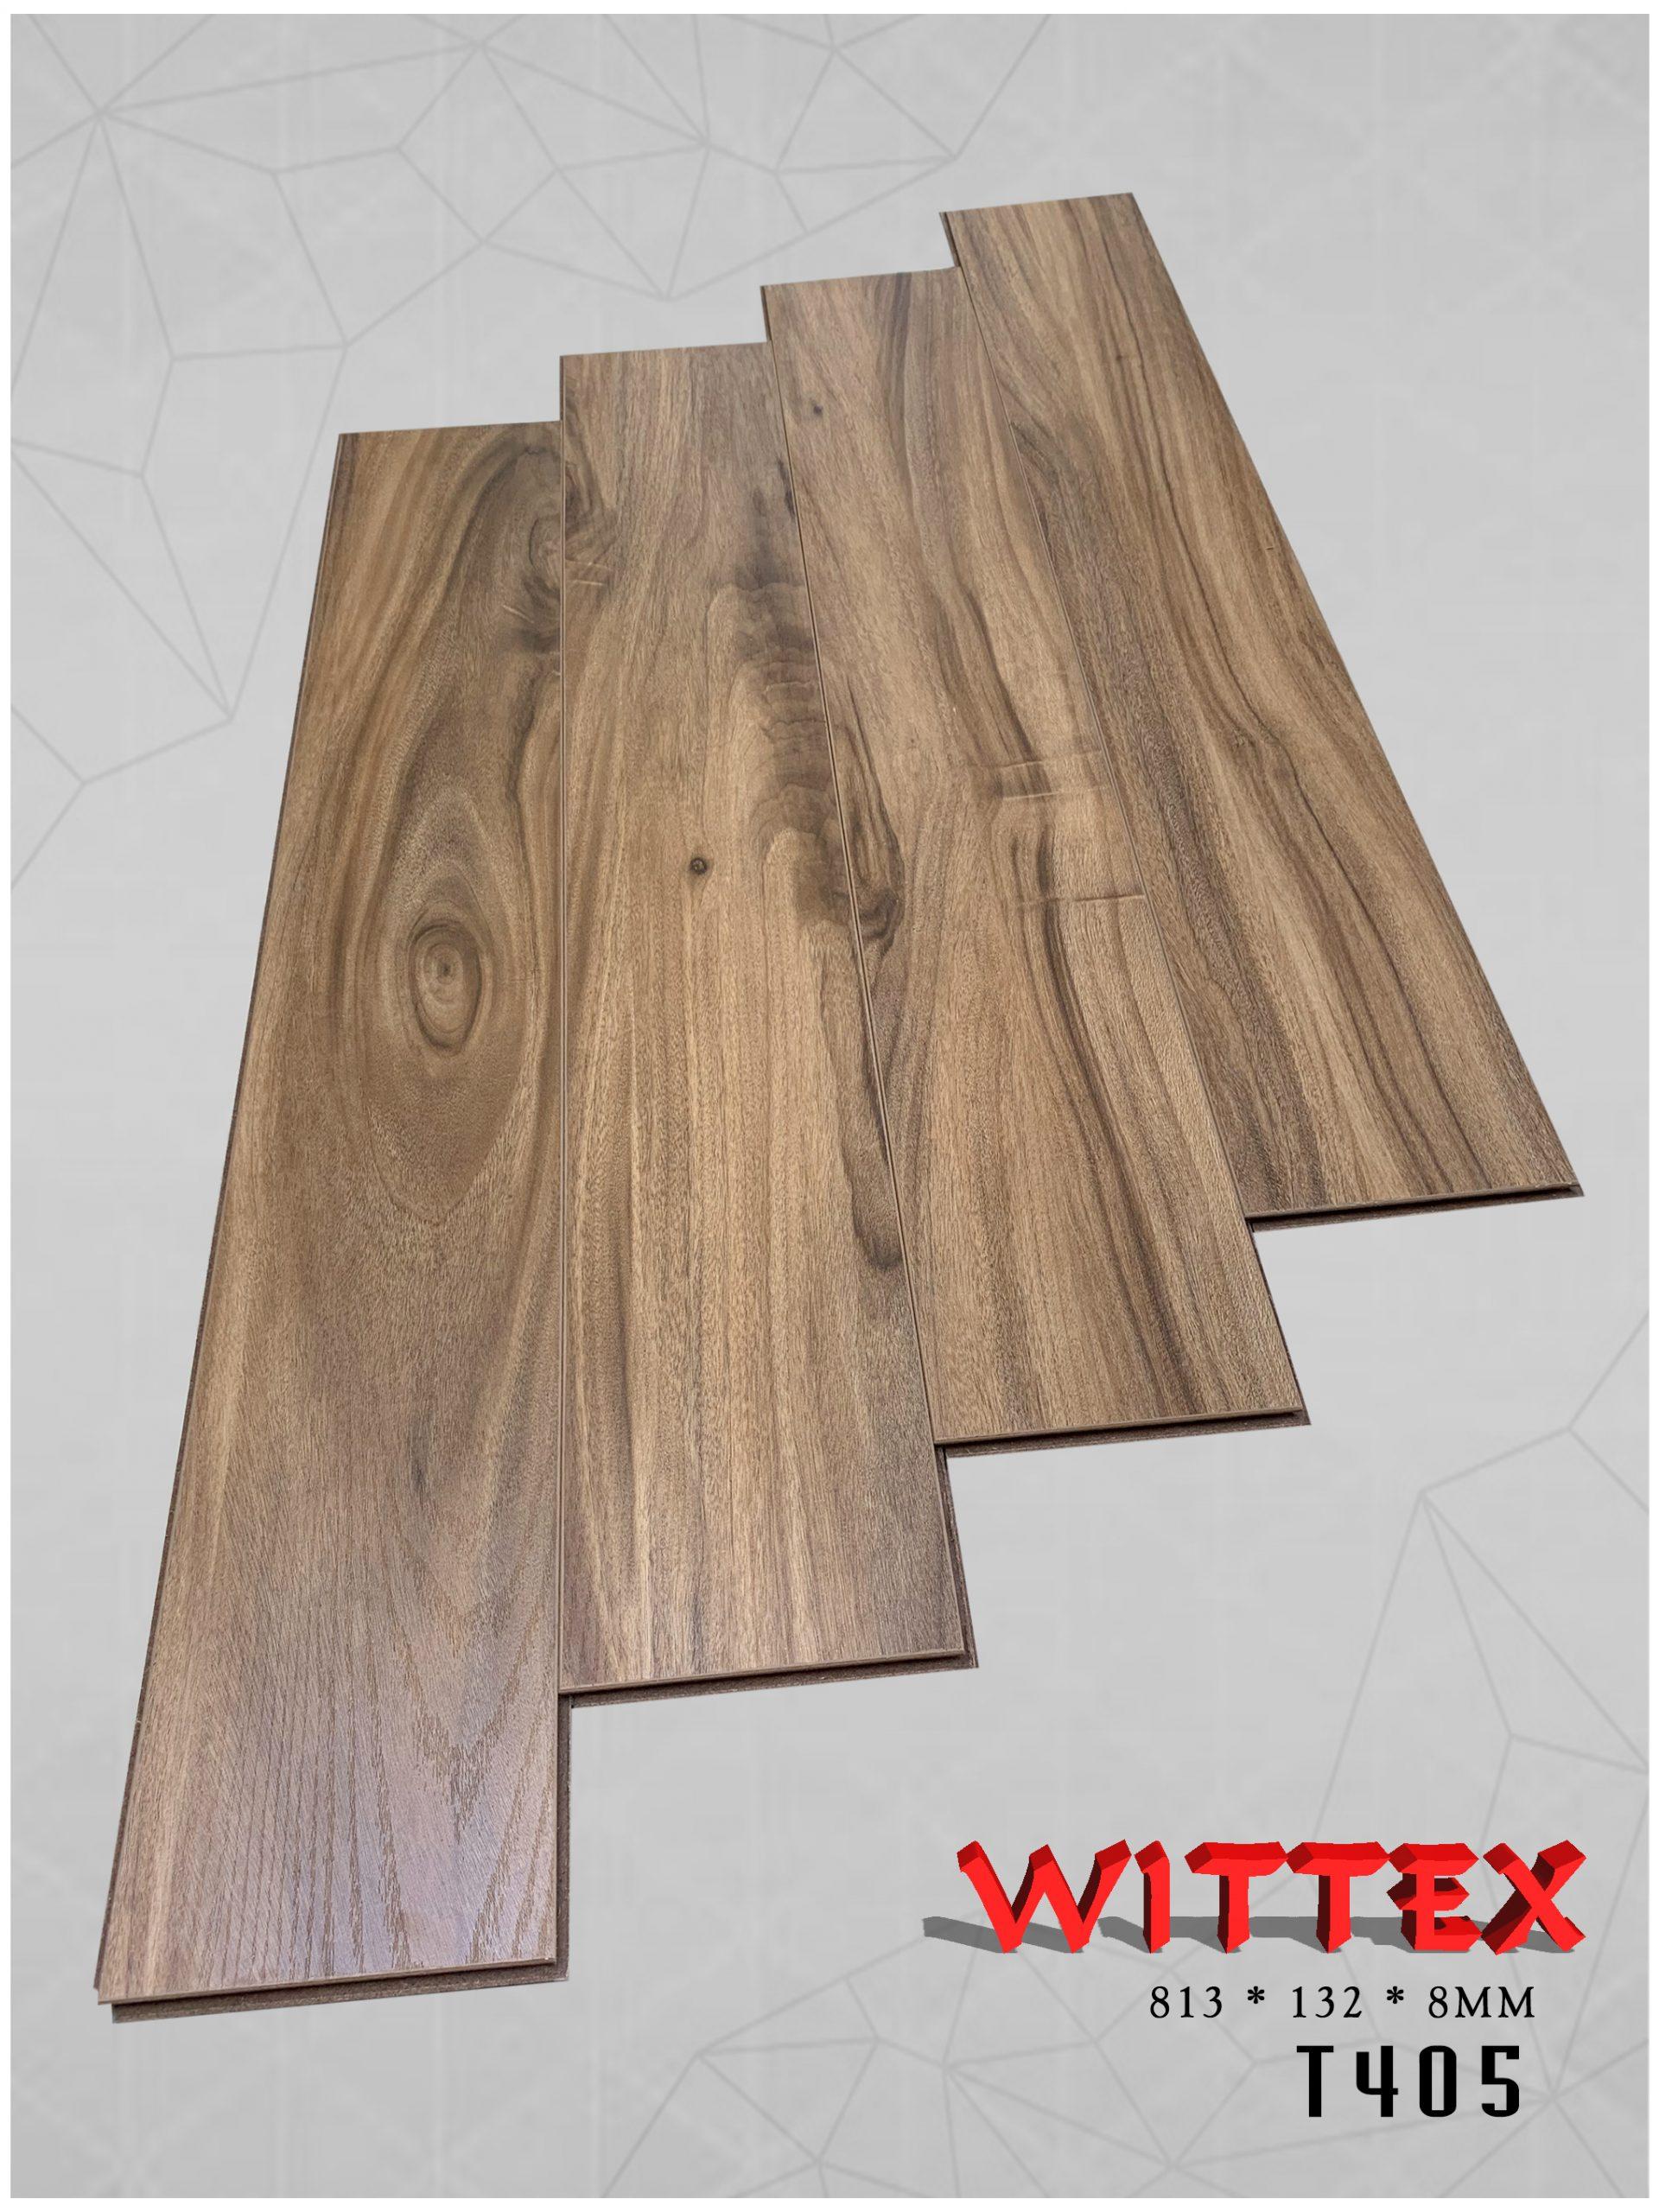 wittex t405